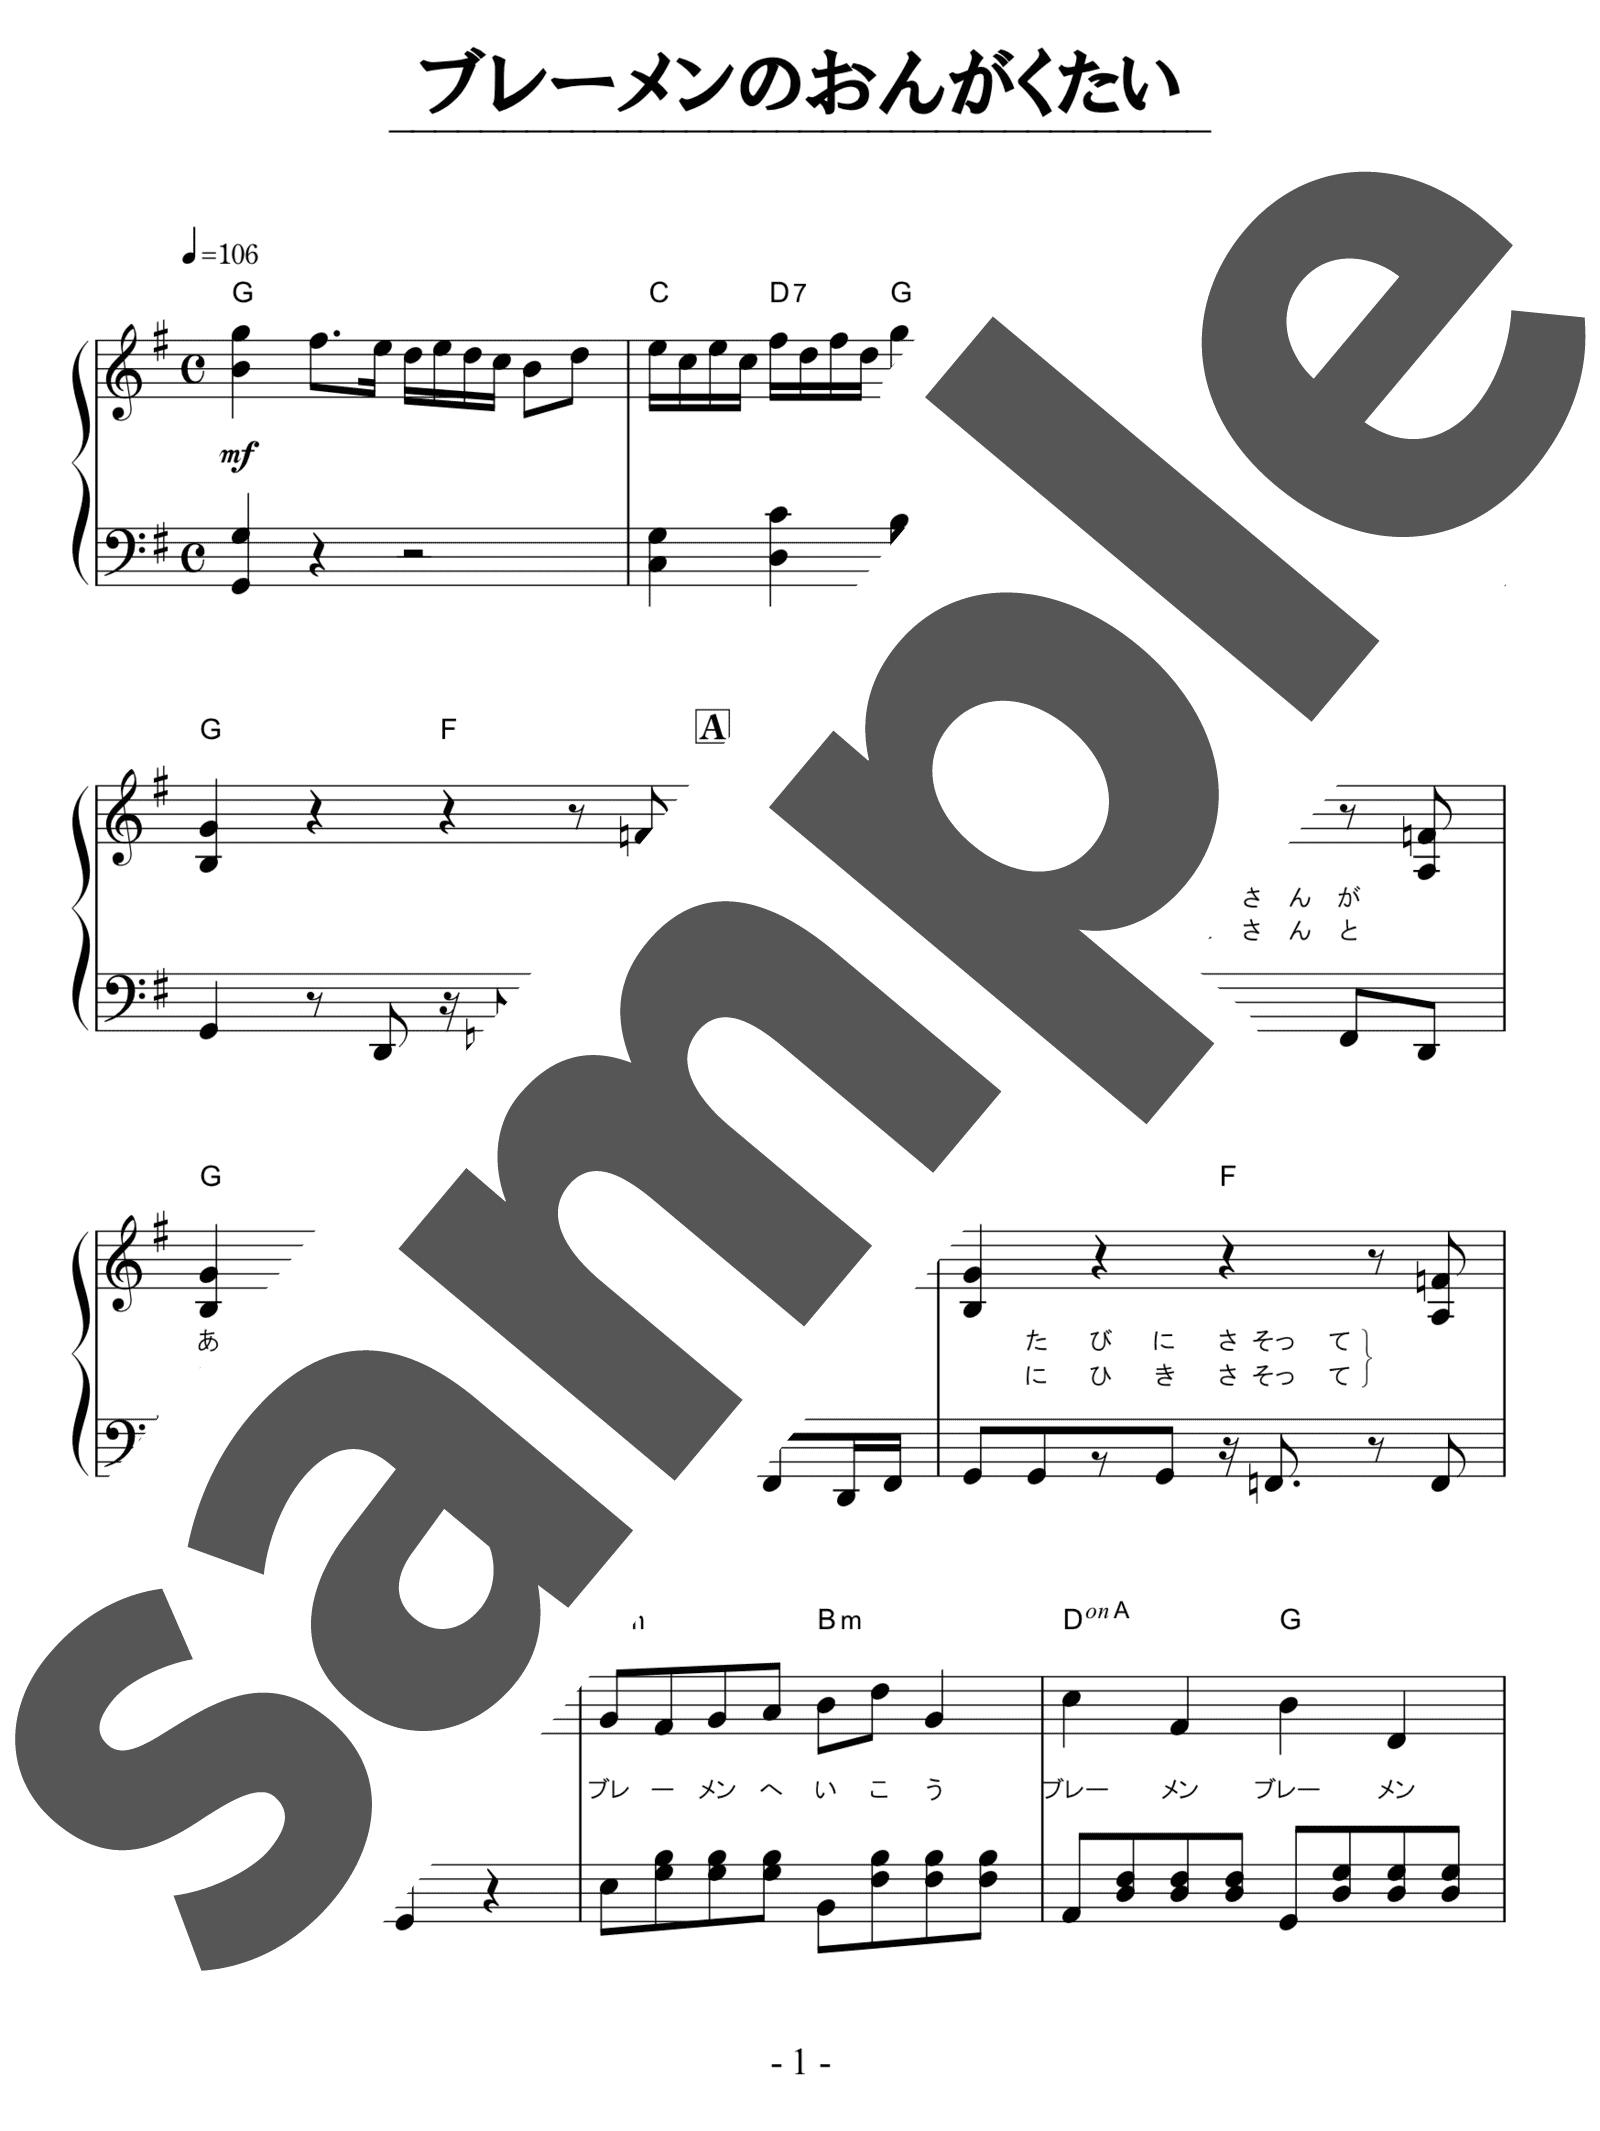 「ブレーメンのおんがくたい」のサンプル楽譜